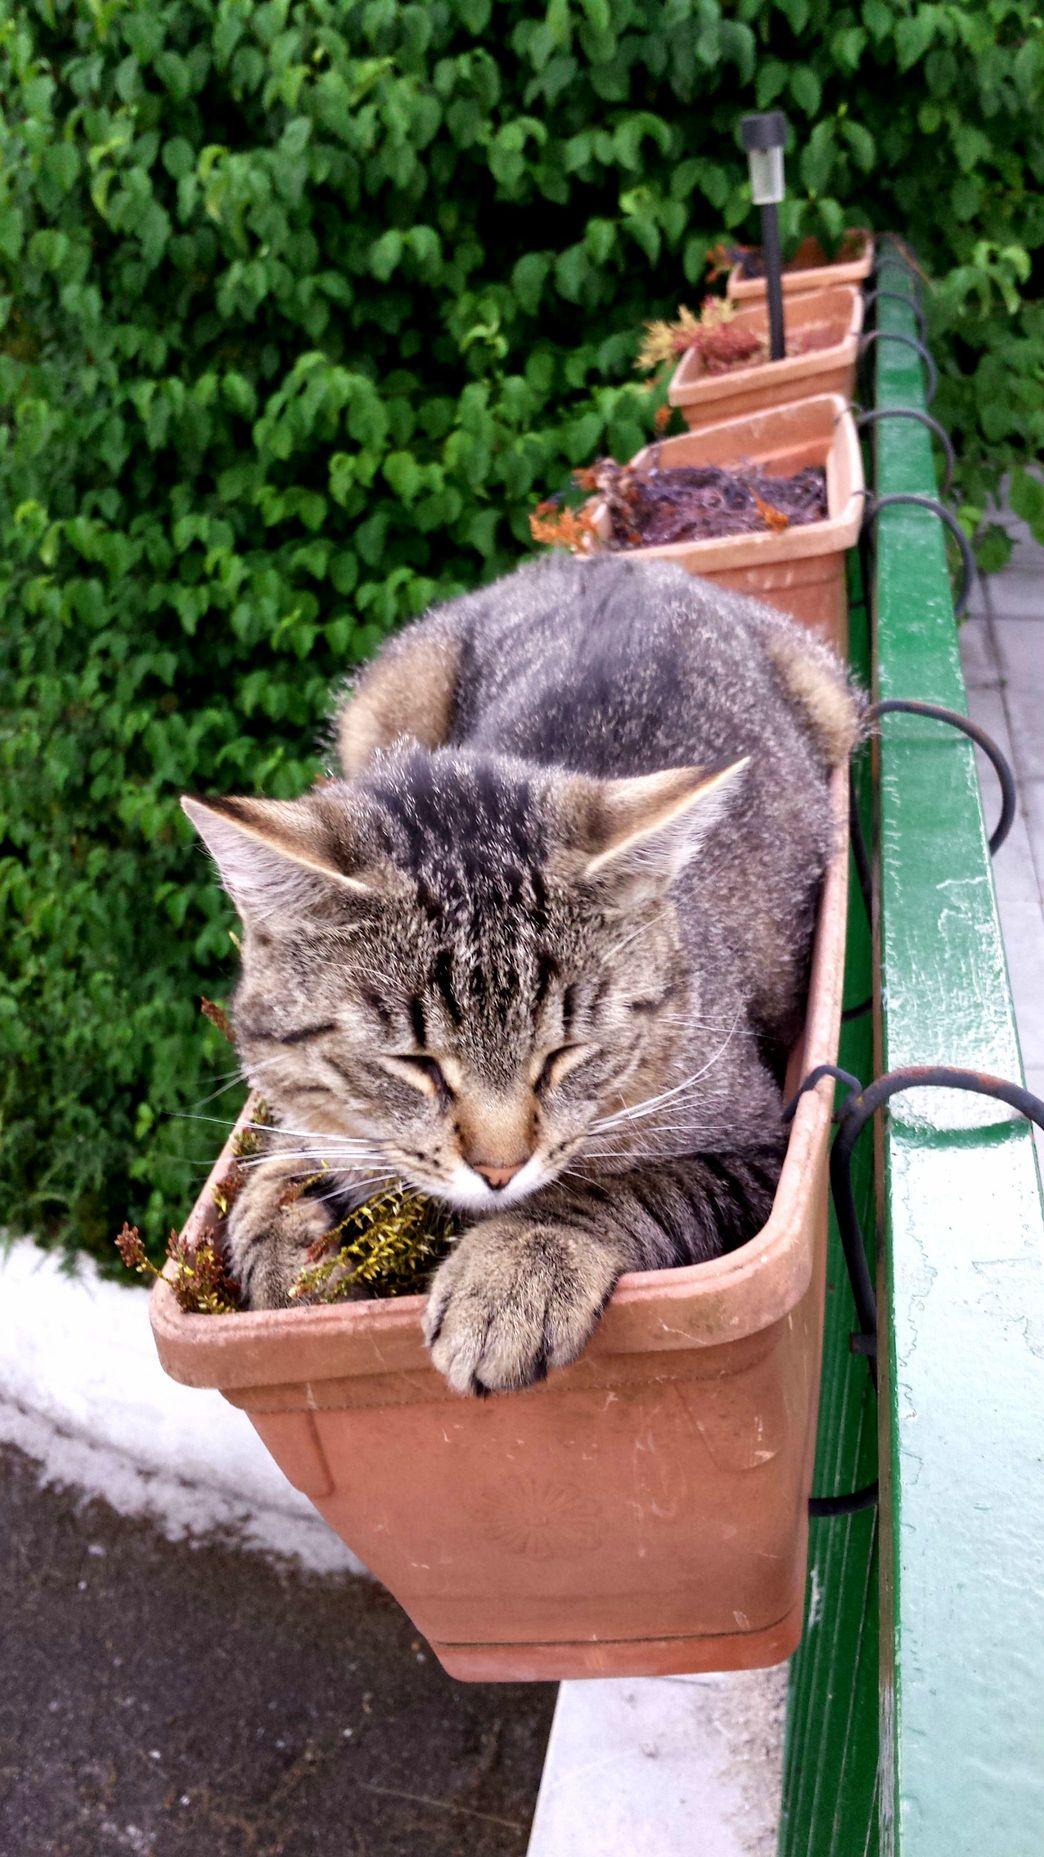 Im a plant